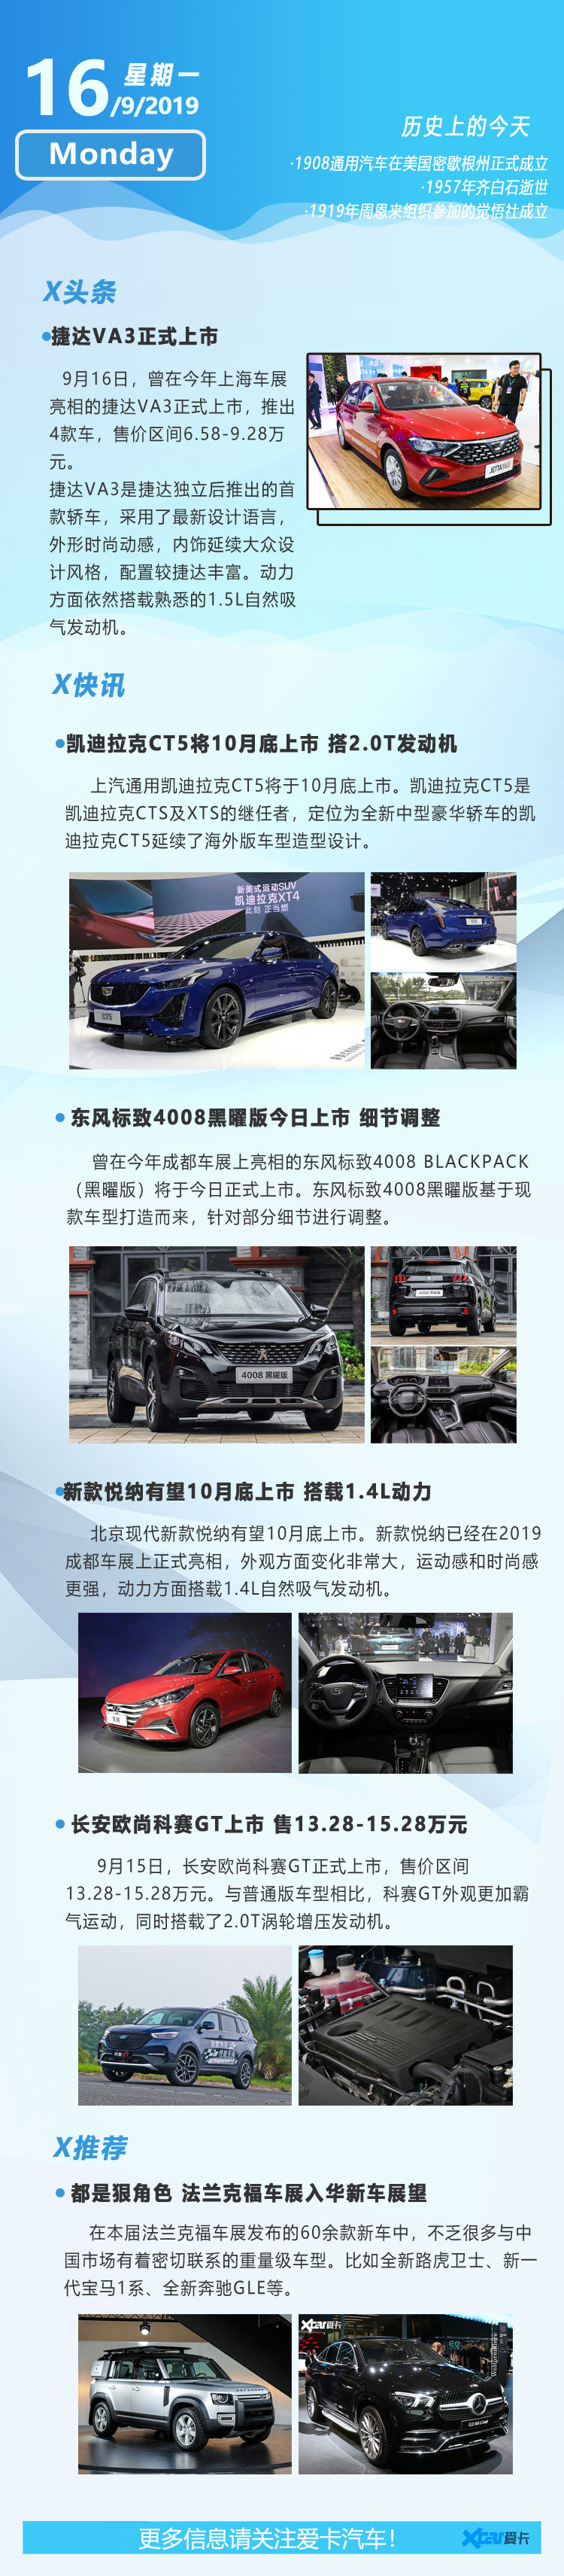 9月16日早报:捷达VA3欧尚科赛GT上市